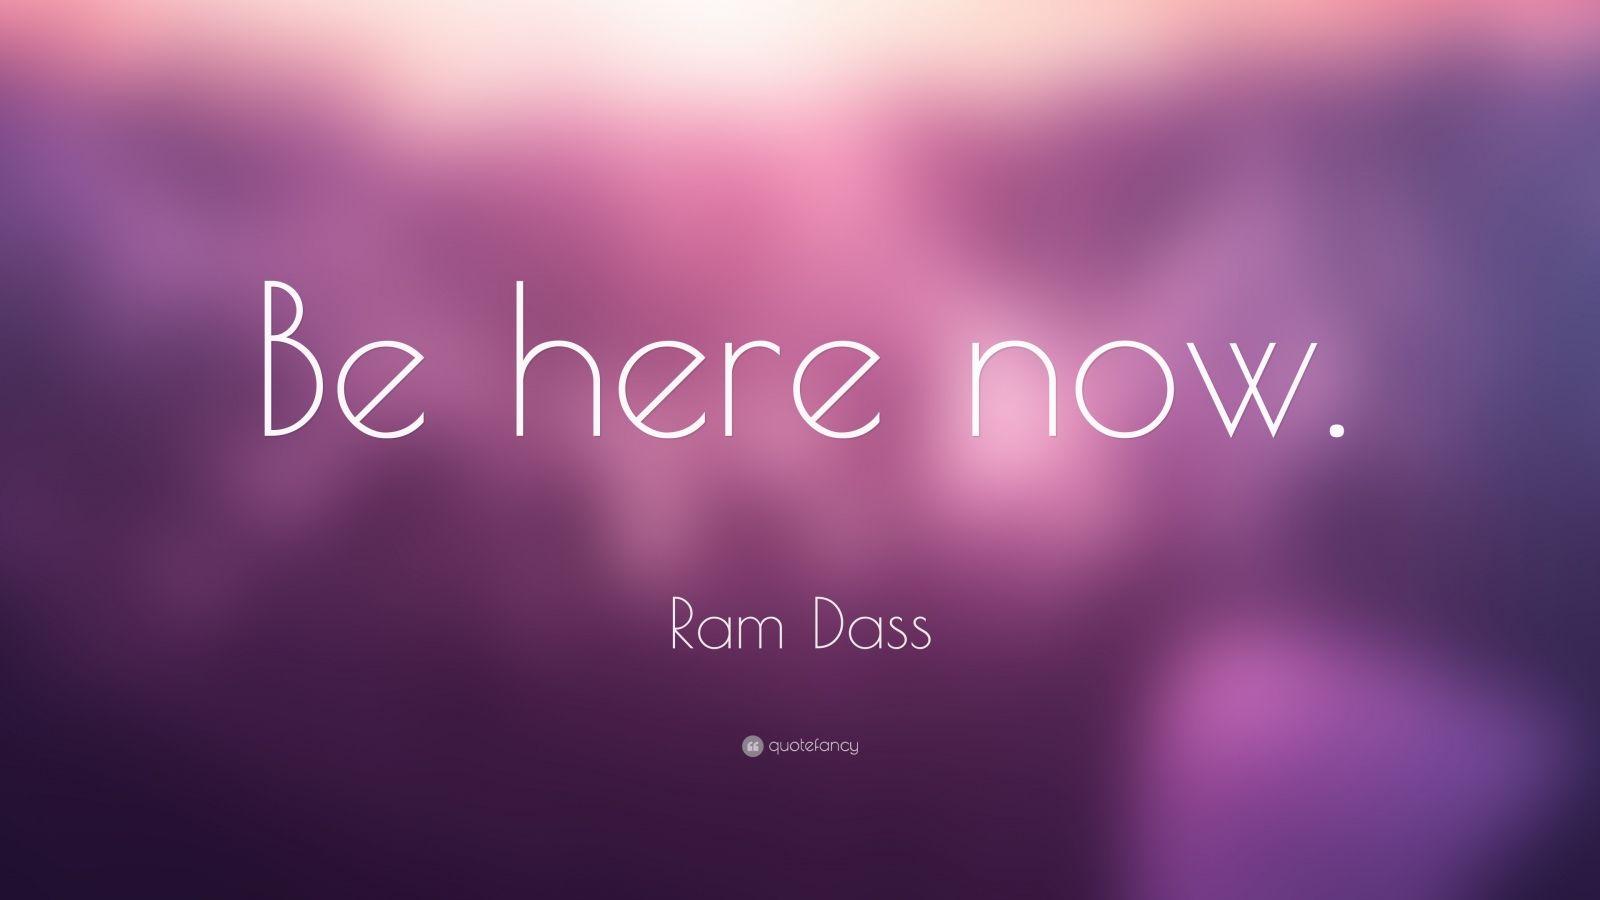 Zen Quote Wallpaper Ram Dass Quote Be Here Now 26 Wallpapers Quotefancy